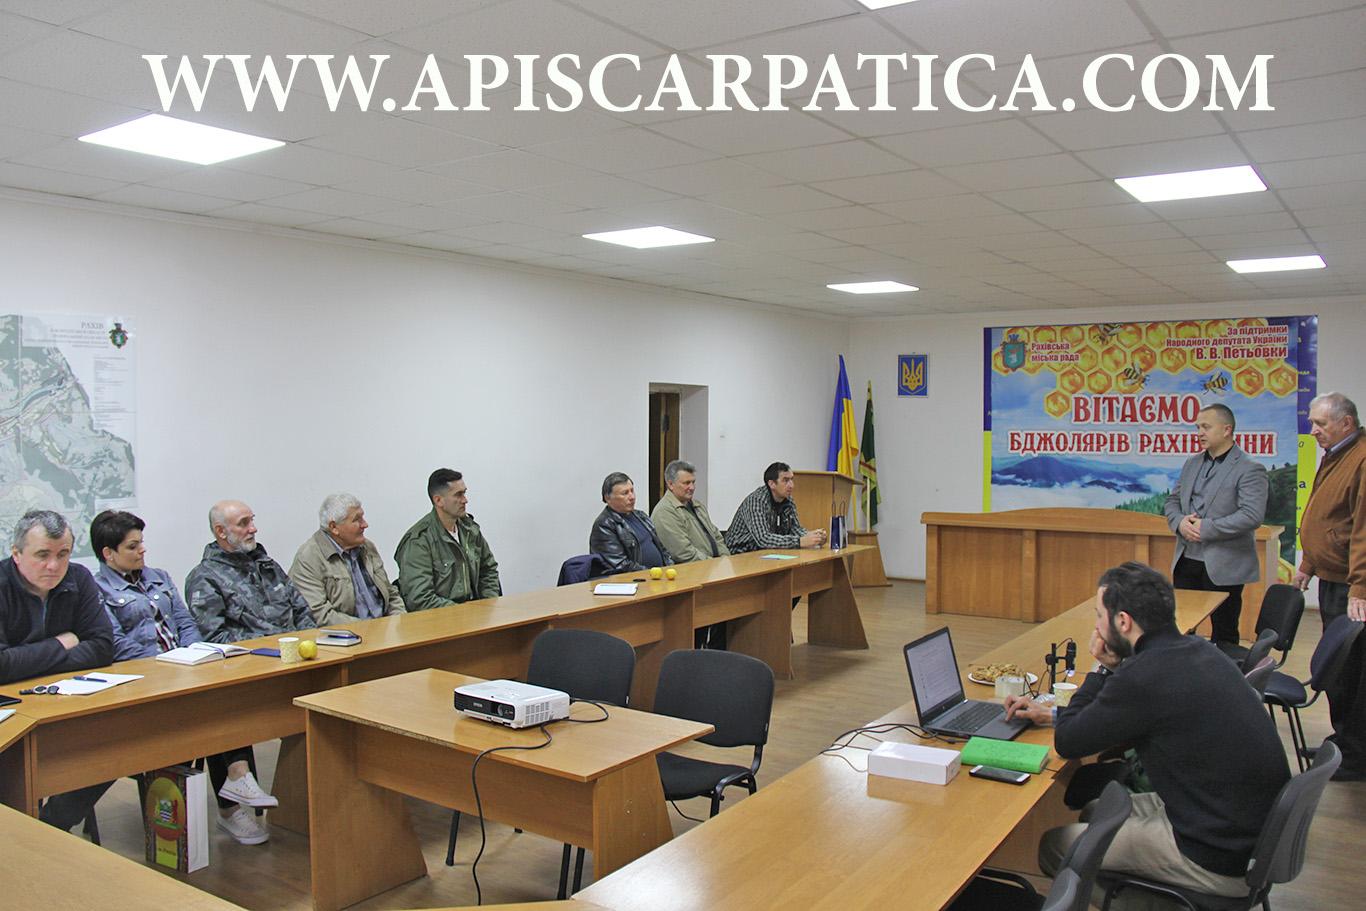 учасників семінару вітає Рахівський міський голова Віктор Медвідь